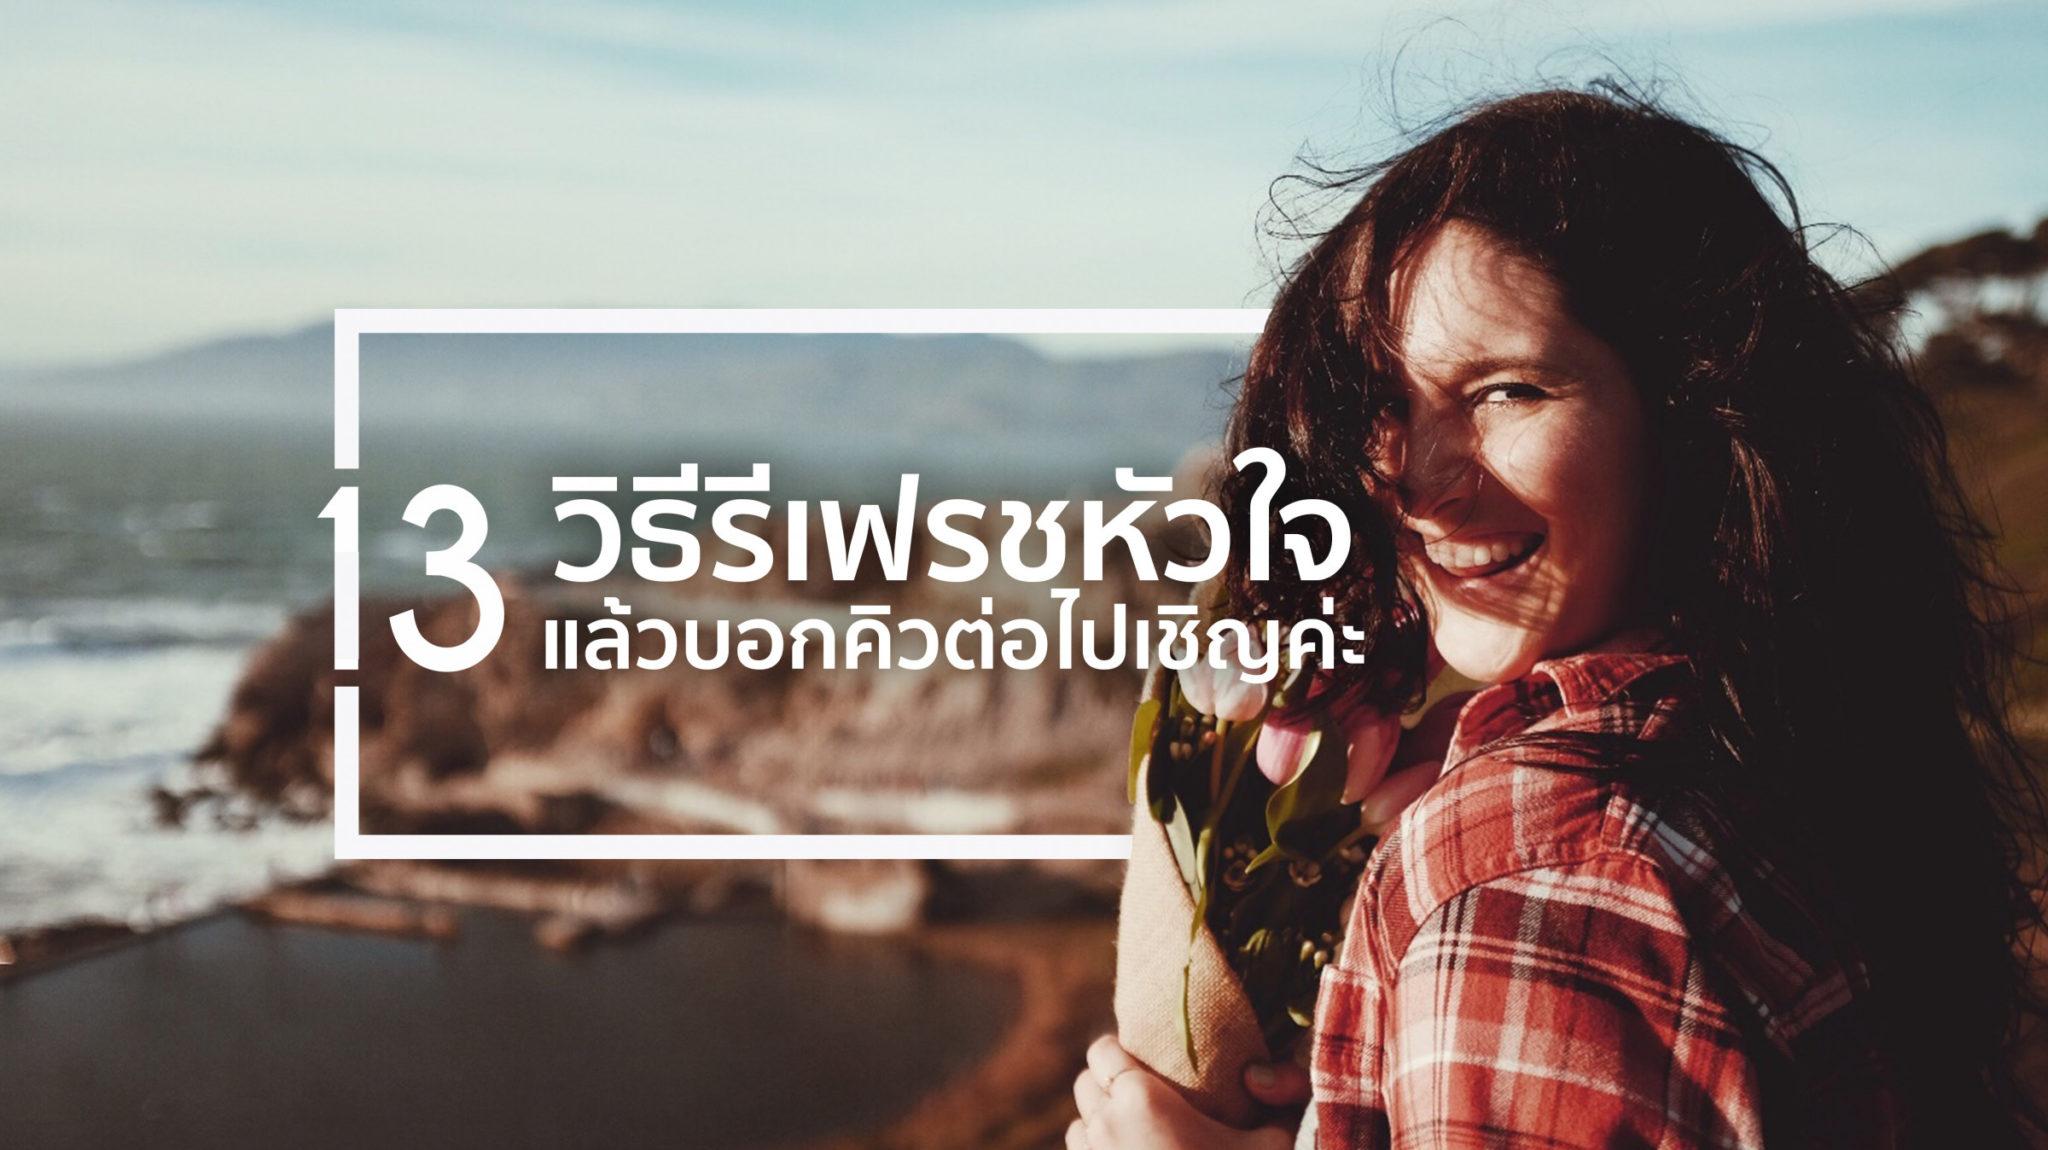 13 วิธีรีเฟรชหัวใจ สำหรับคนที่อยากเปิดให้โอกาสใหม่ได้เข้ามา